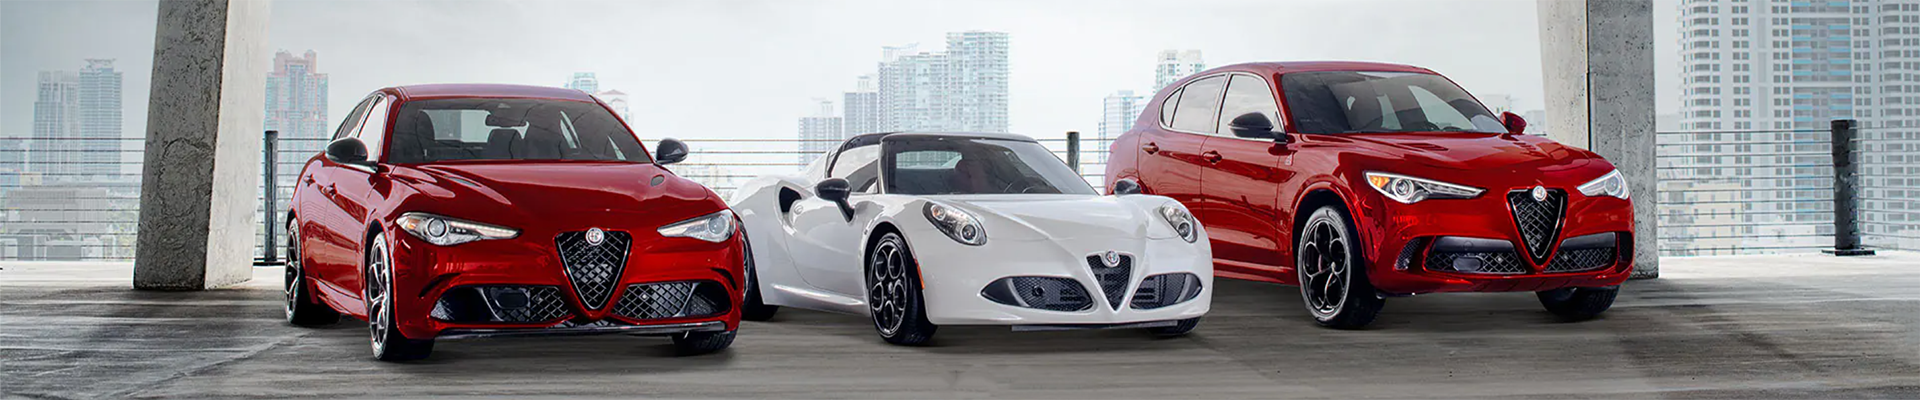 Alfa Romeo Lifestyle